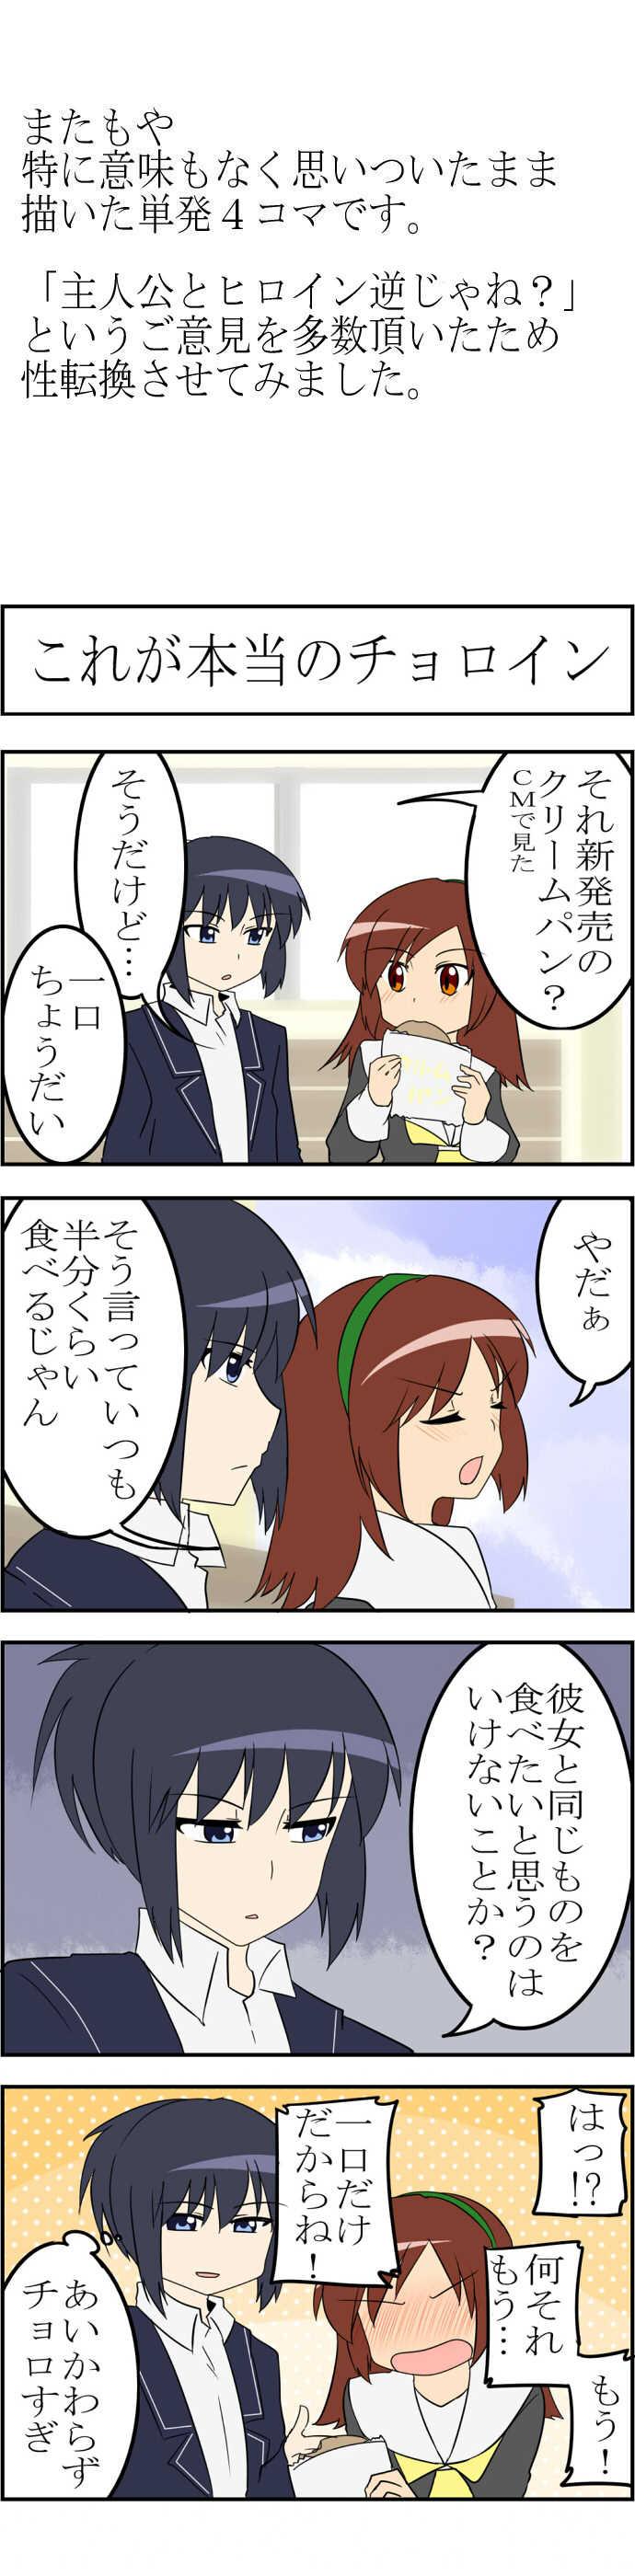 おまけ(性別逆転の話)